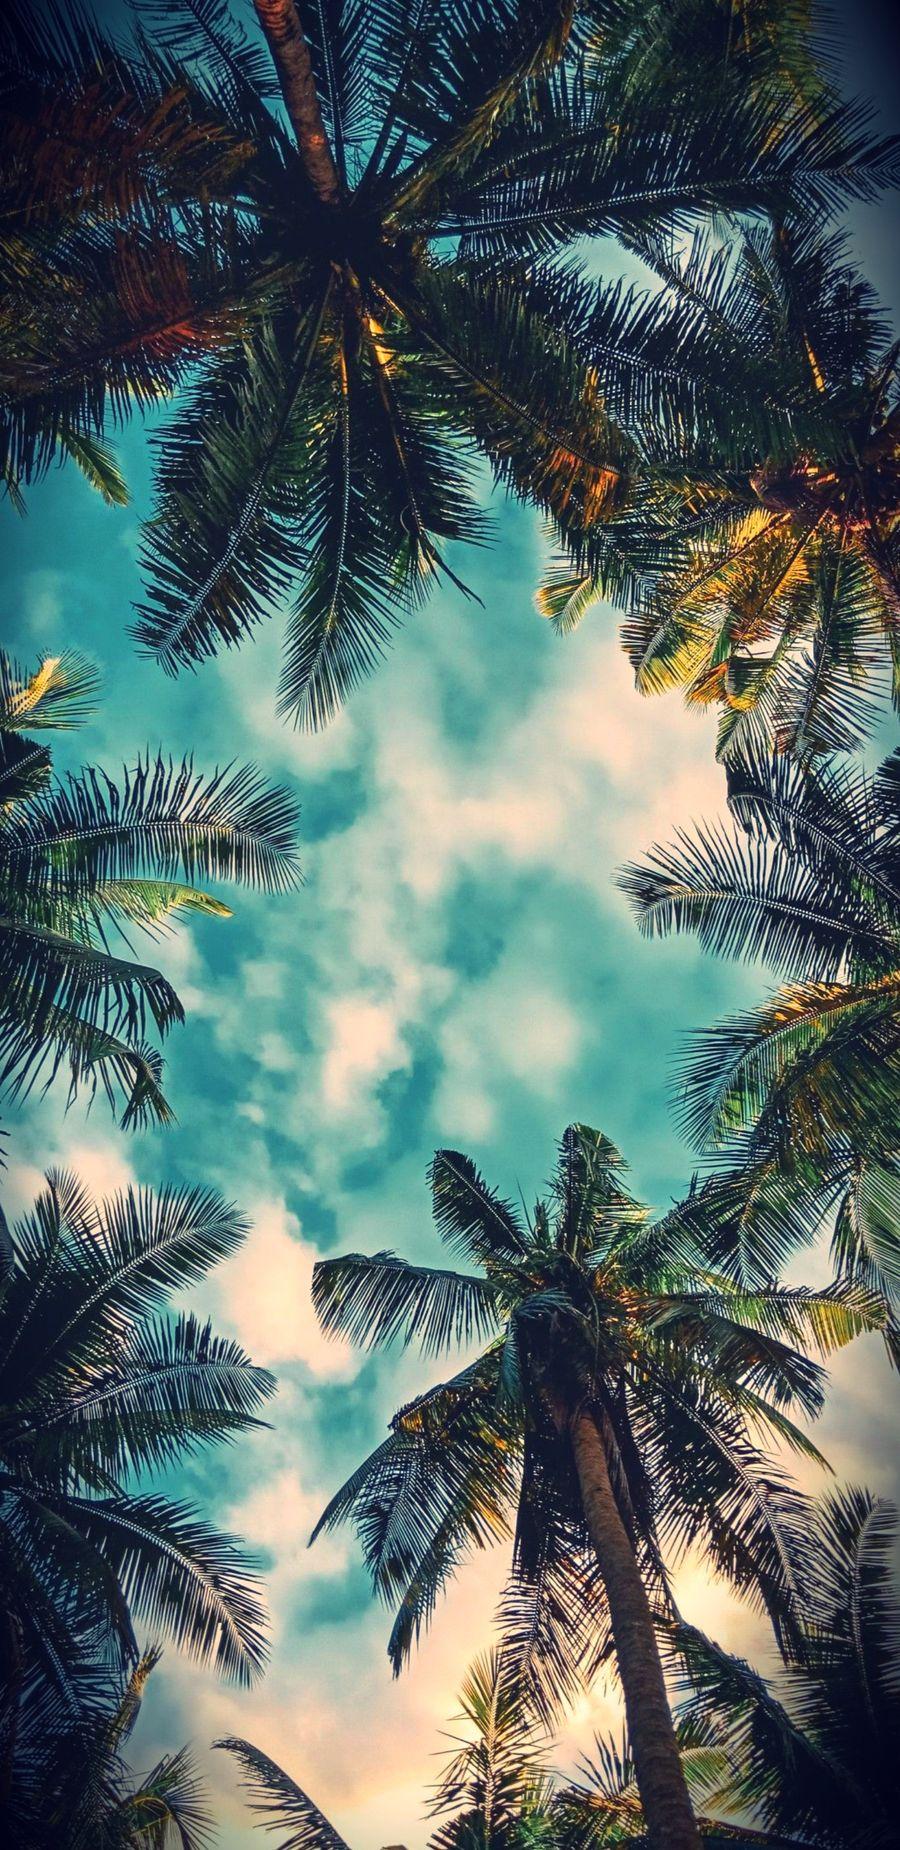 Обои на телефон природа, прекрасные, пальмы, красочные, закат, bel air palms